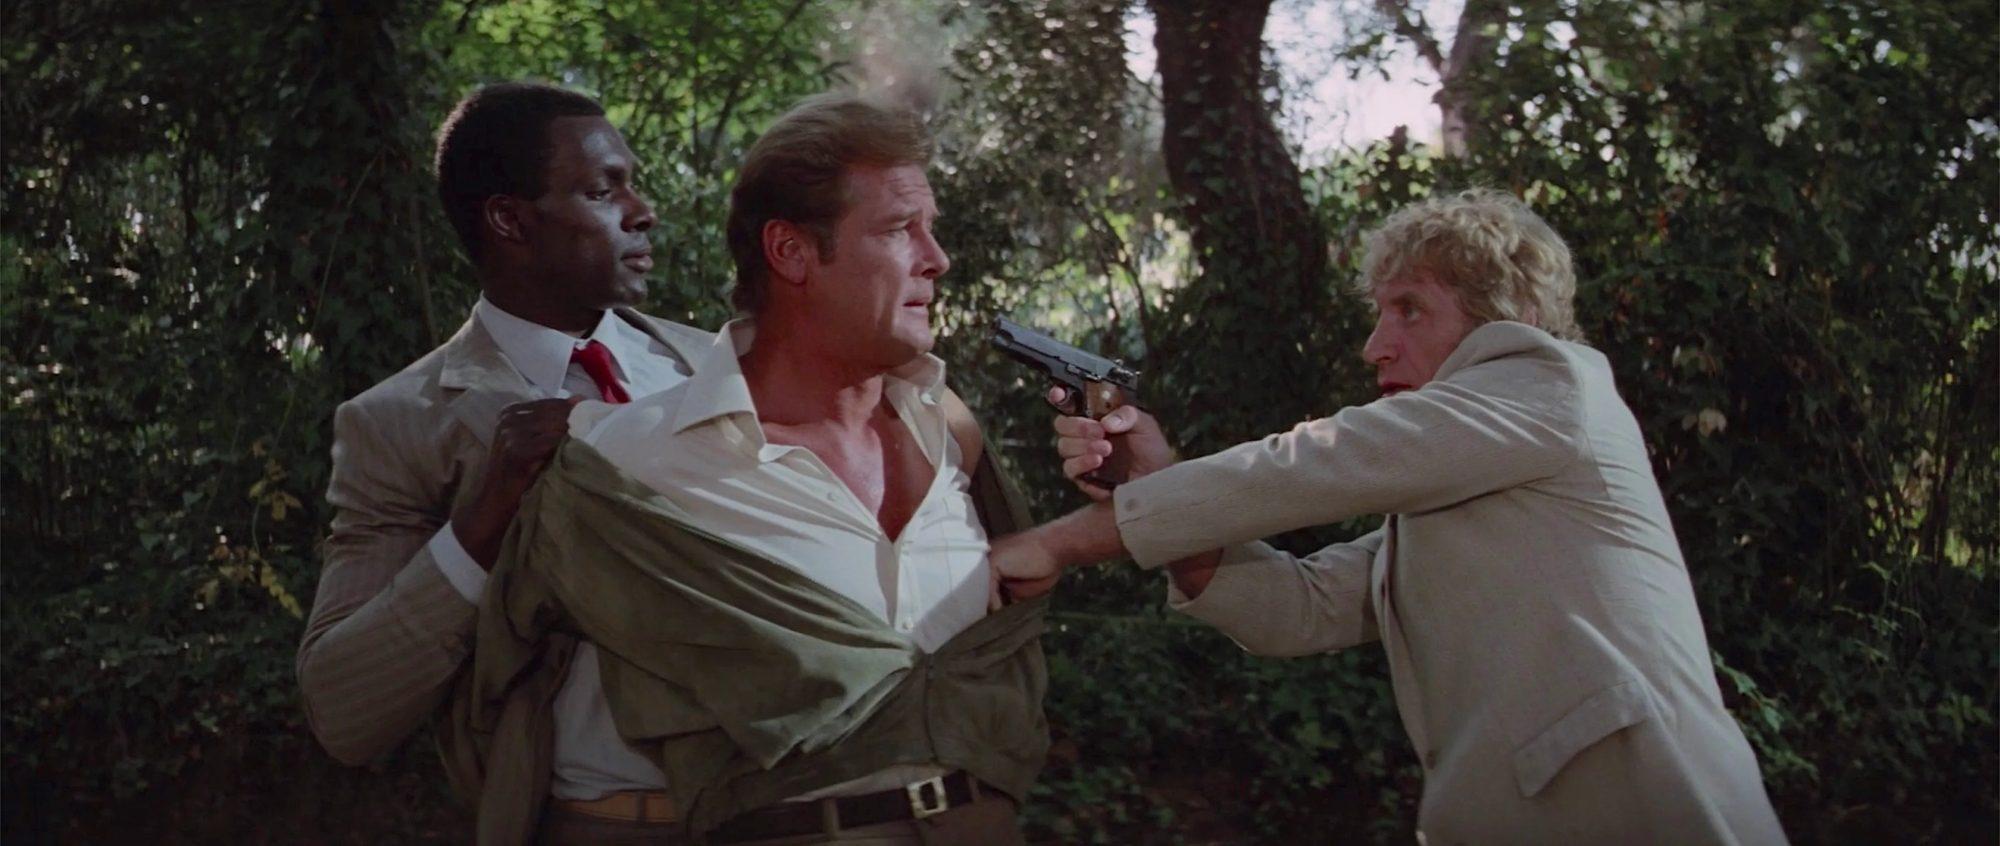 Filmszene aus James Bond 007 - In tödlicher Mission